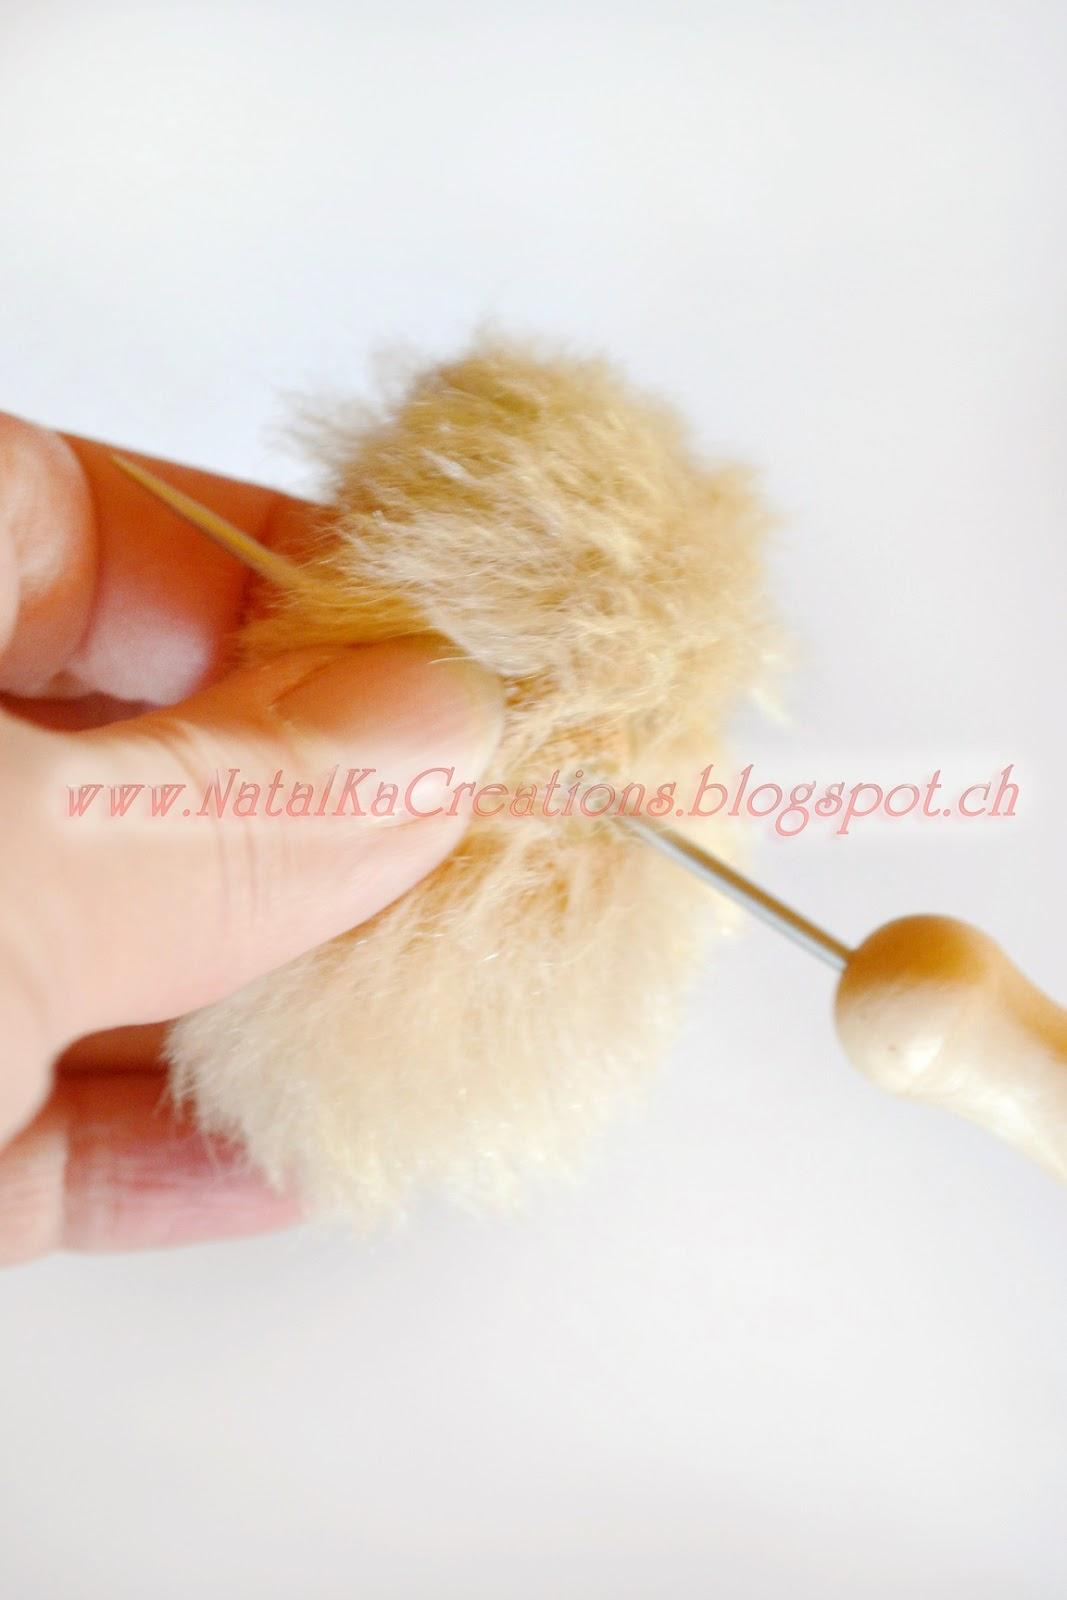 Мастер-класс по пошиву мишки тедди, шьем тедди с шармом, совместный пошив мишки тедди, как пошить мишку тедди, шьем медведя тедди с NatalKa Creations